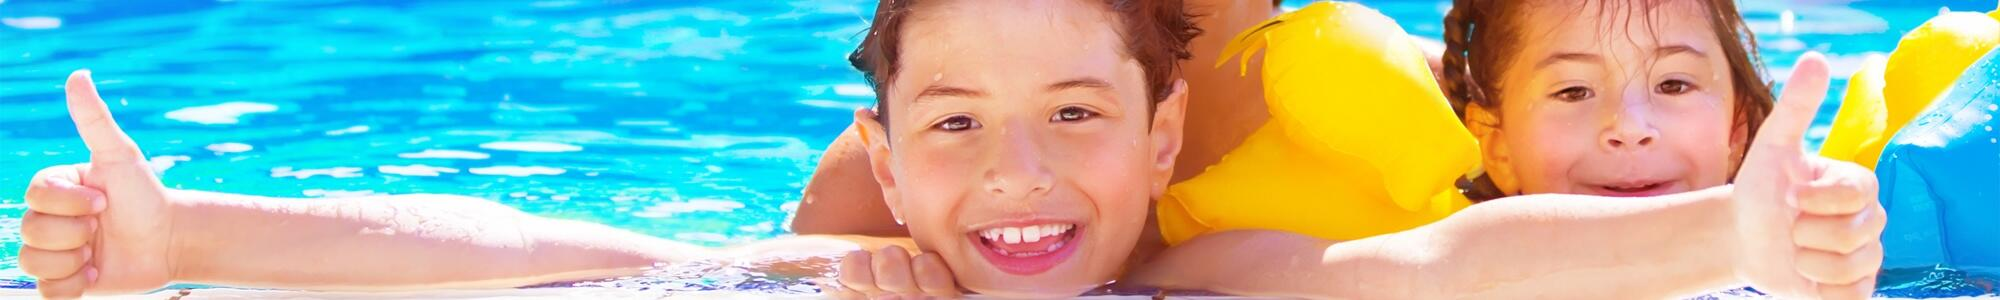 Offerta 2° settimana di giugno a Cervia con 2 bimbi gratis